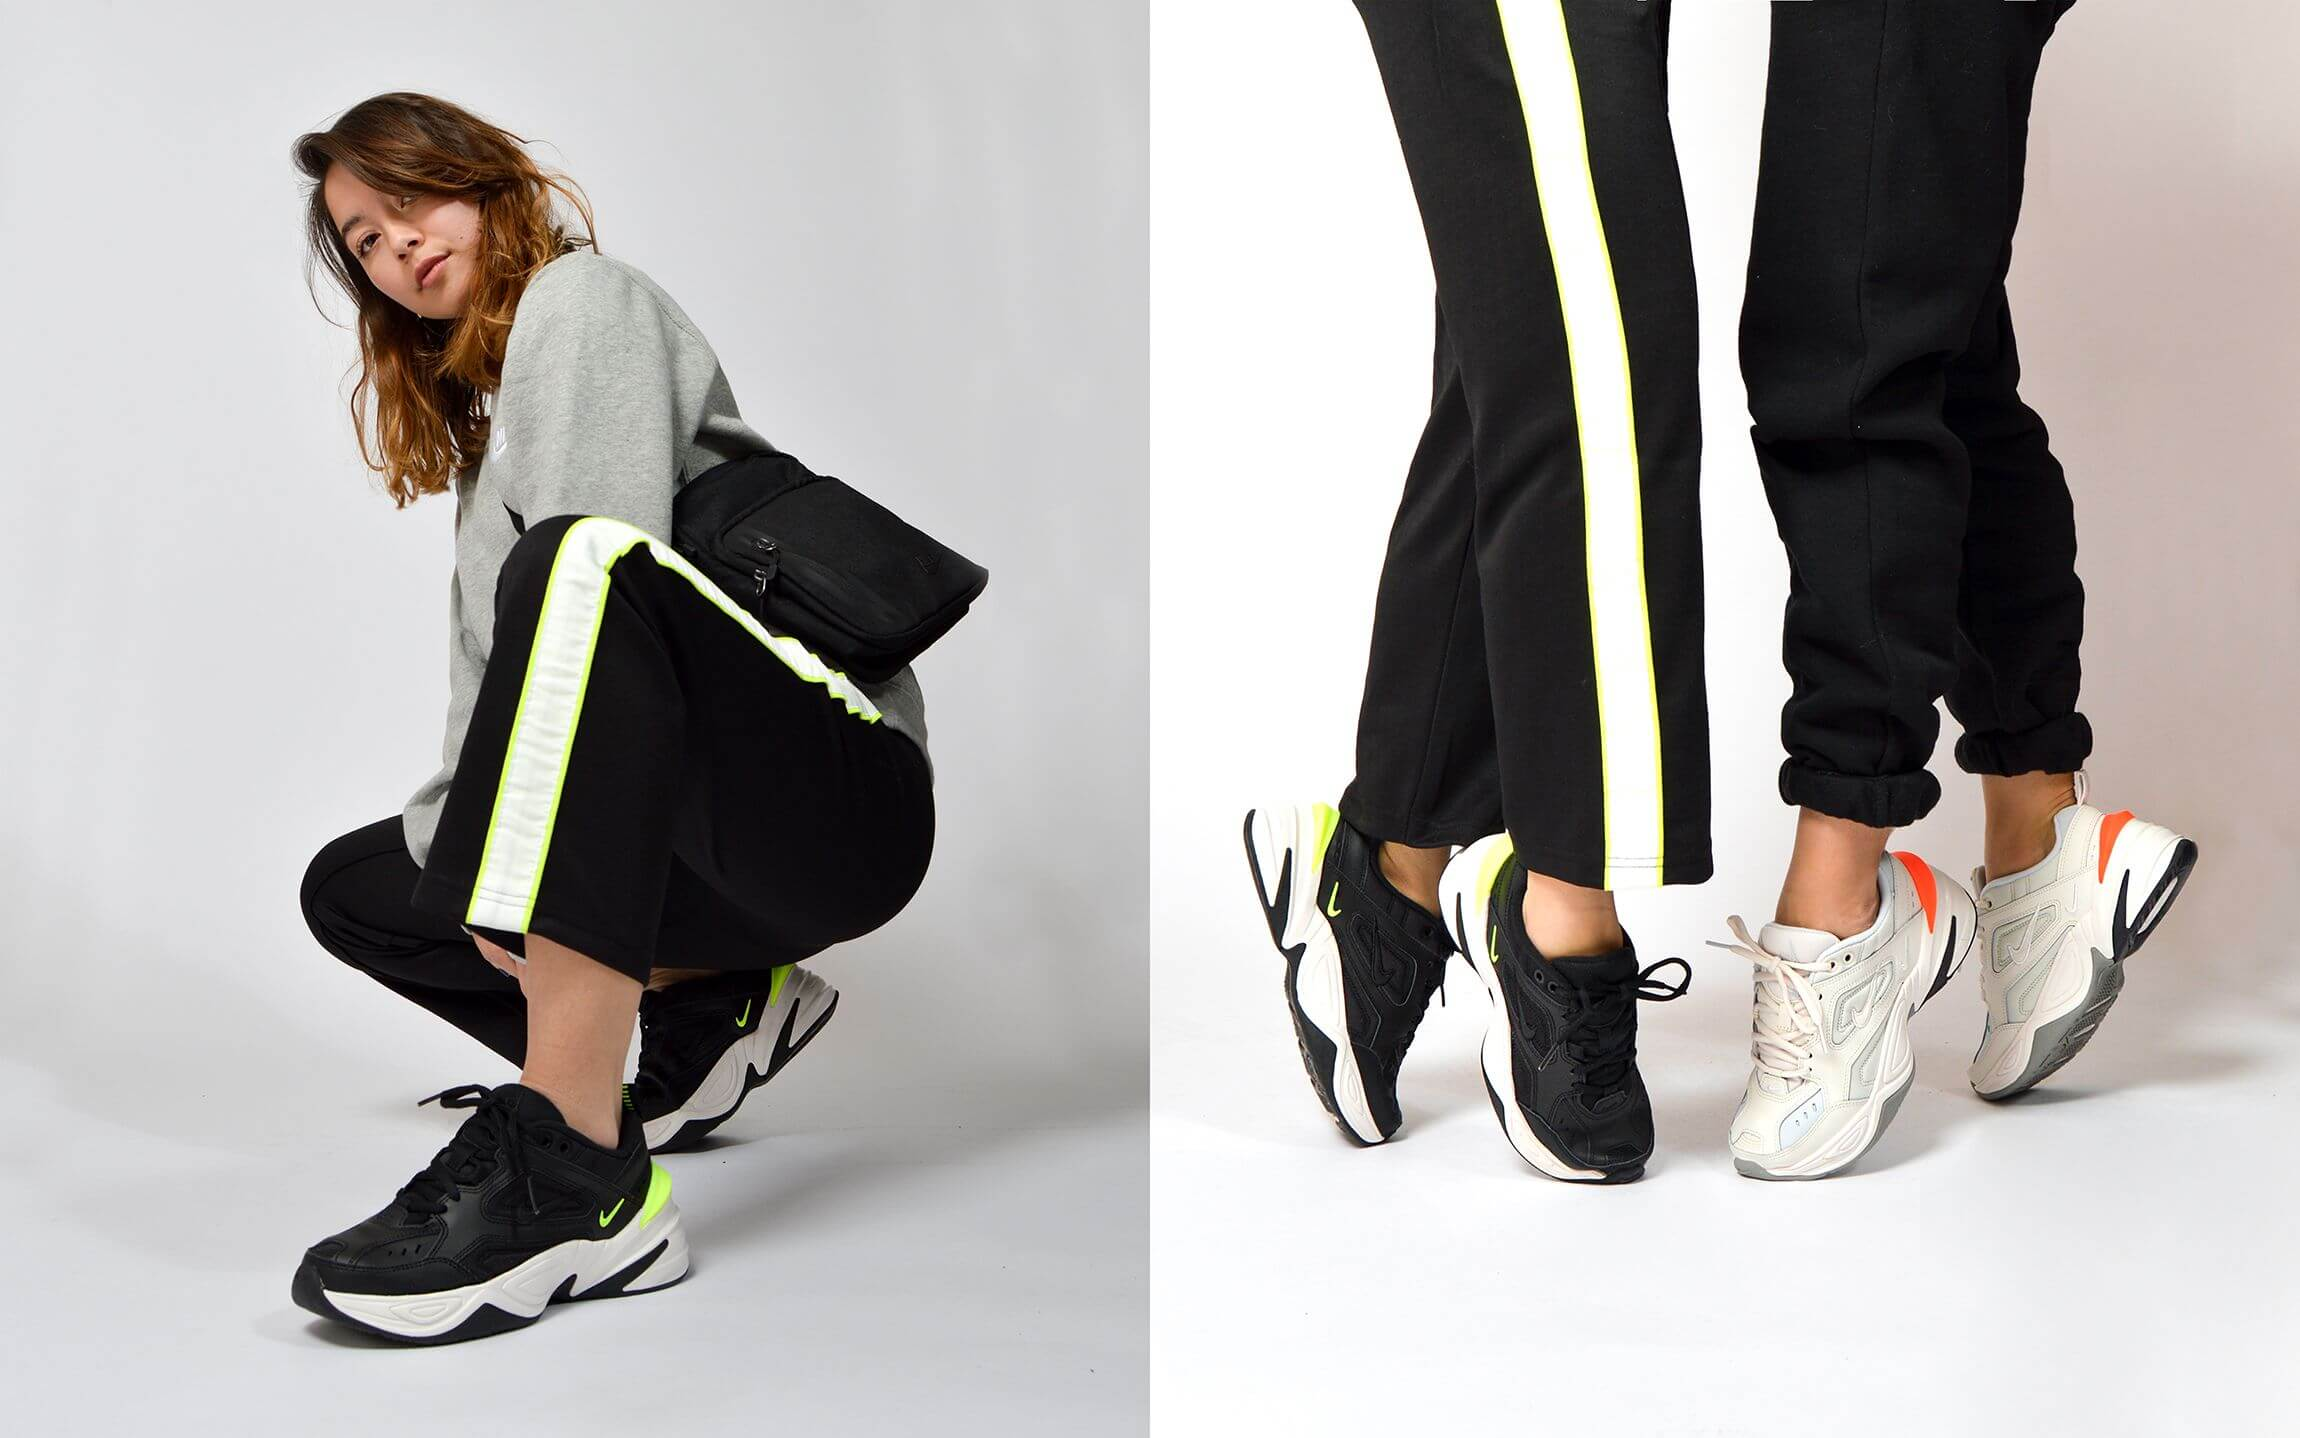 Giày Nike M2k Tekno - đôi chunky sneaker hợp thời